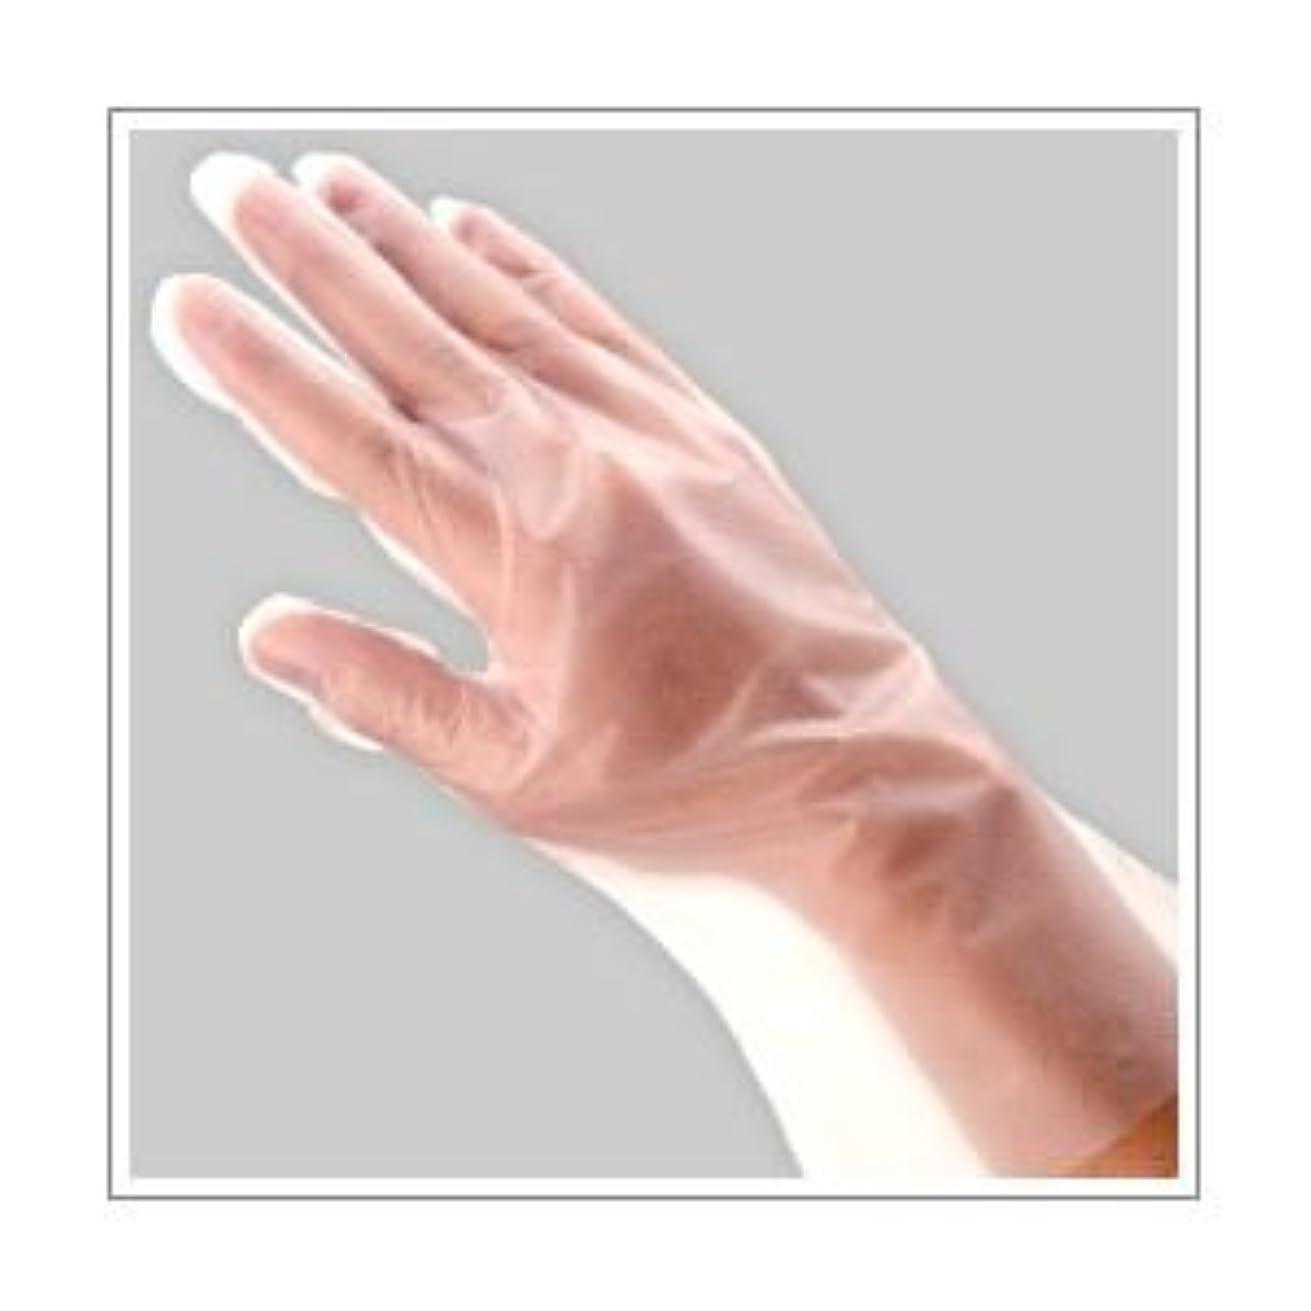 半島任命狂乱(業務用セット) 福助工業 ポリ手袋 指フィット 100枚パック L 【×10セット】 dS-1640685